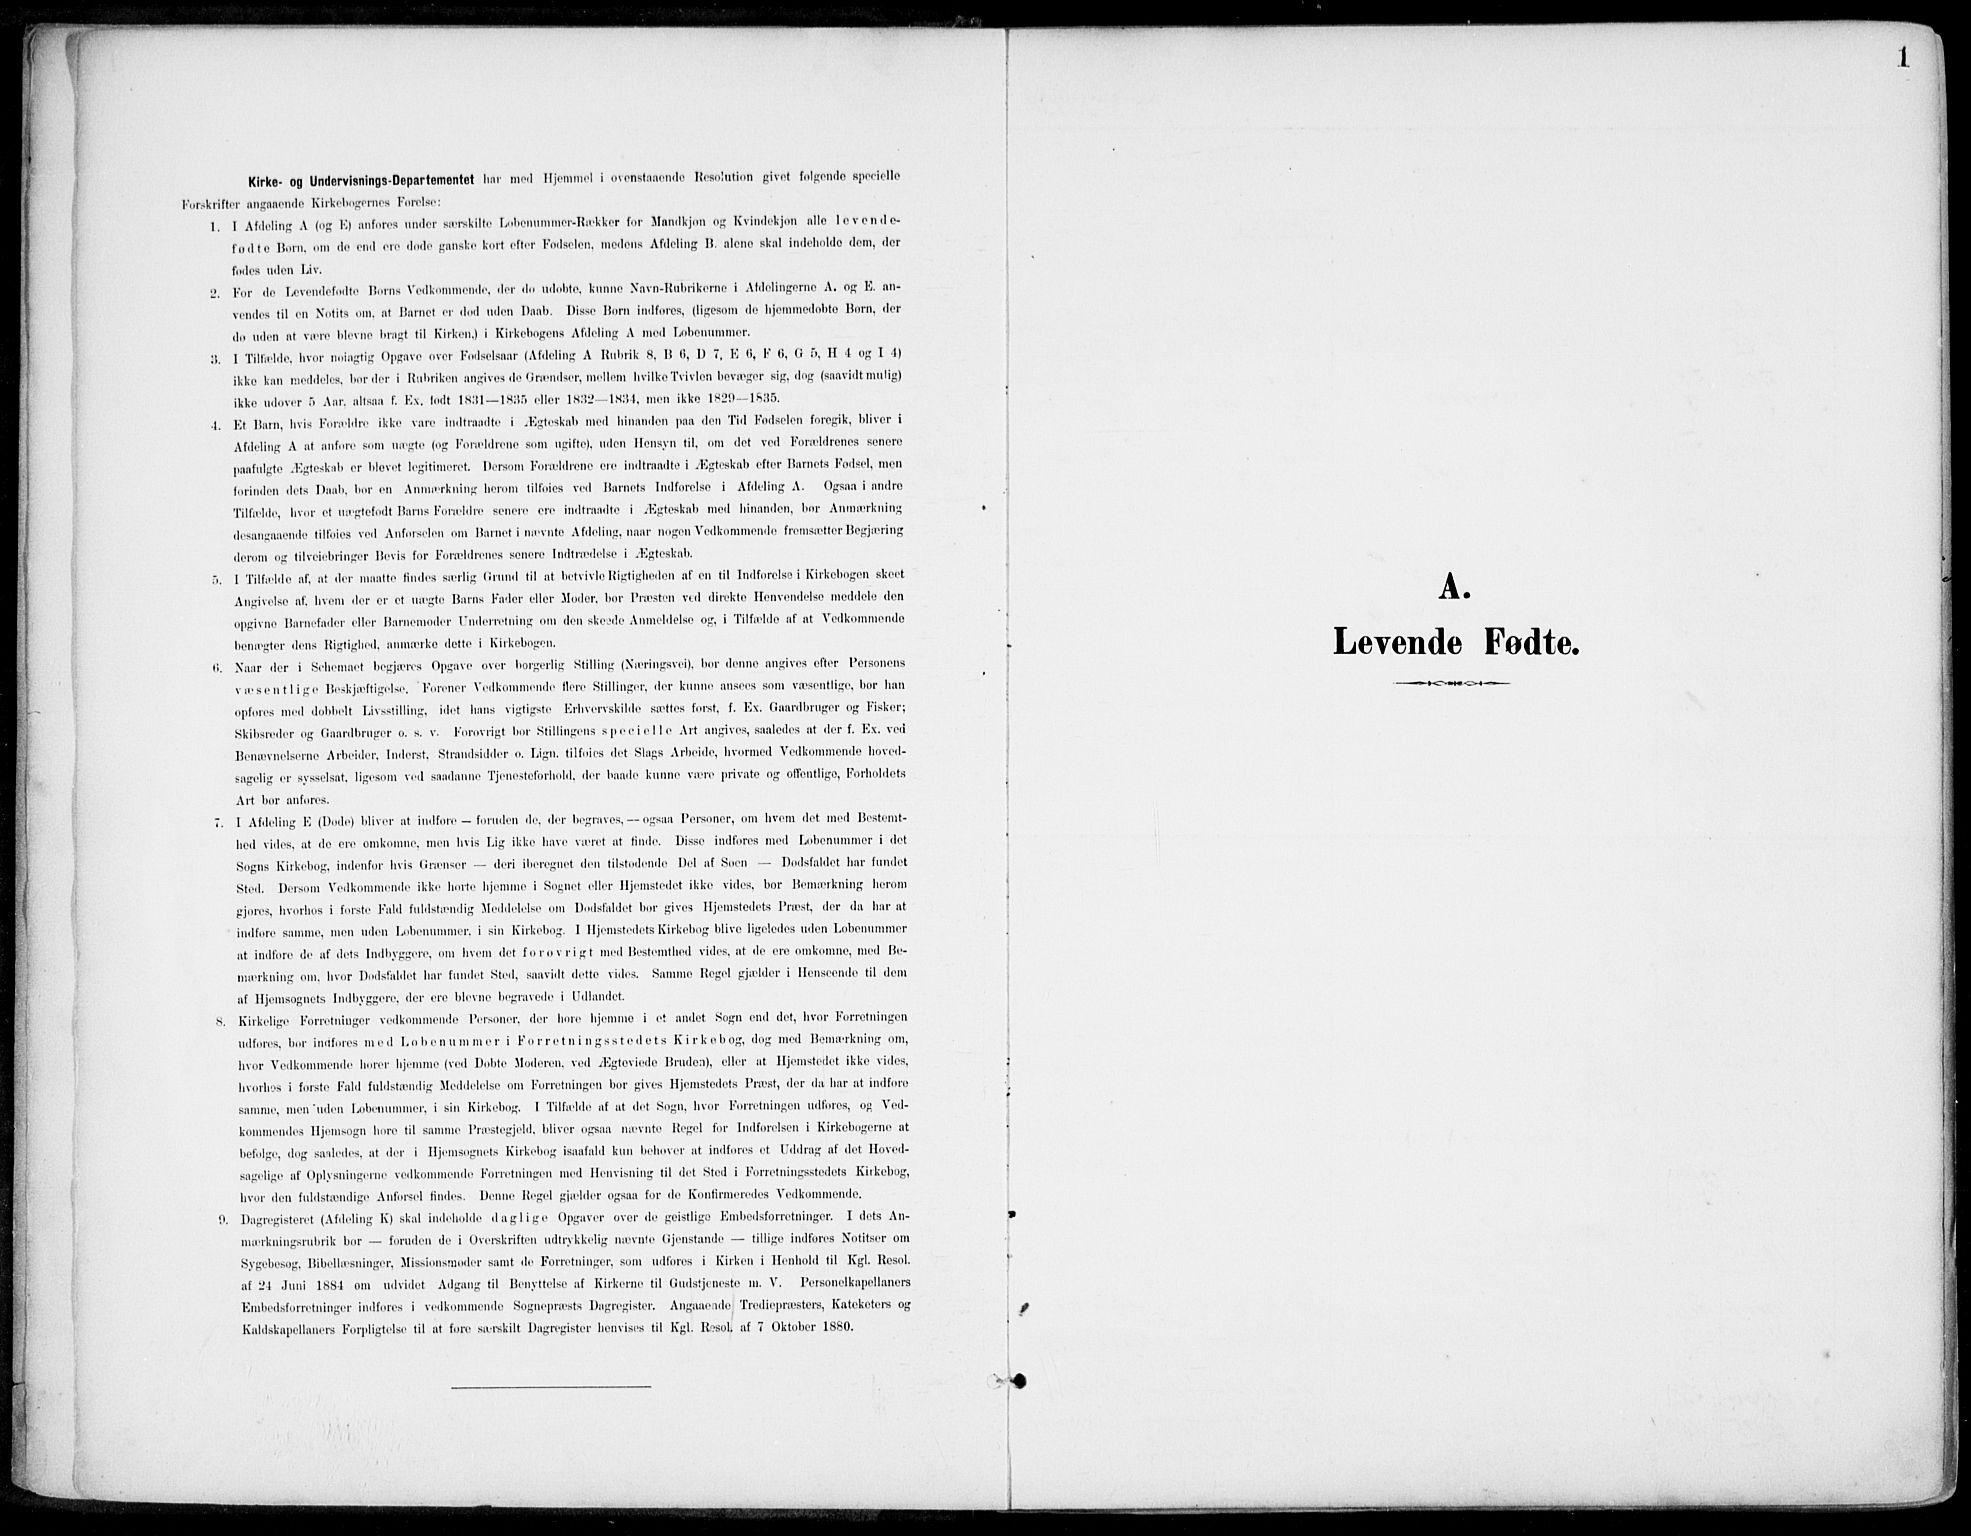 SAKO, Gjerpen kirkebøker, F/Fa/L0011: Ministerialbok nr. 11, 1896-1904, s. 1